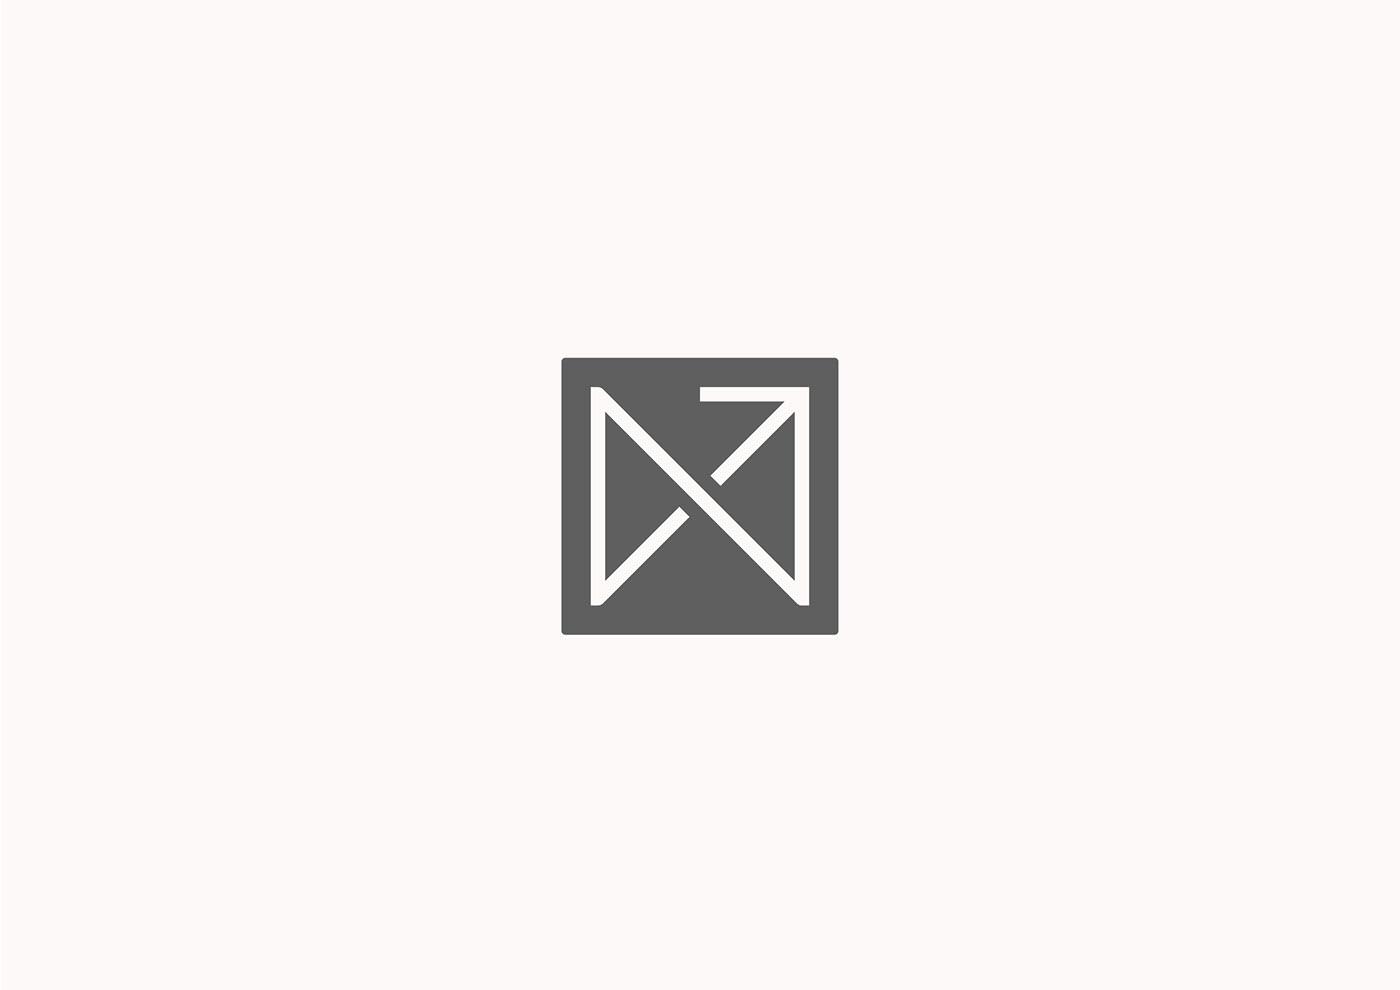 Logotipo principal de nuxot studio